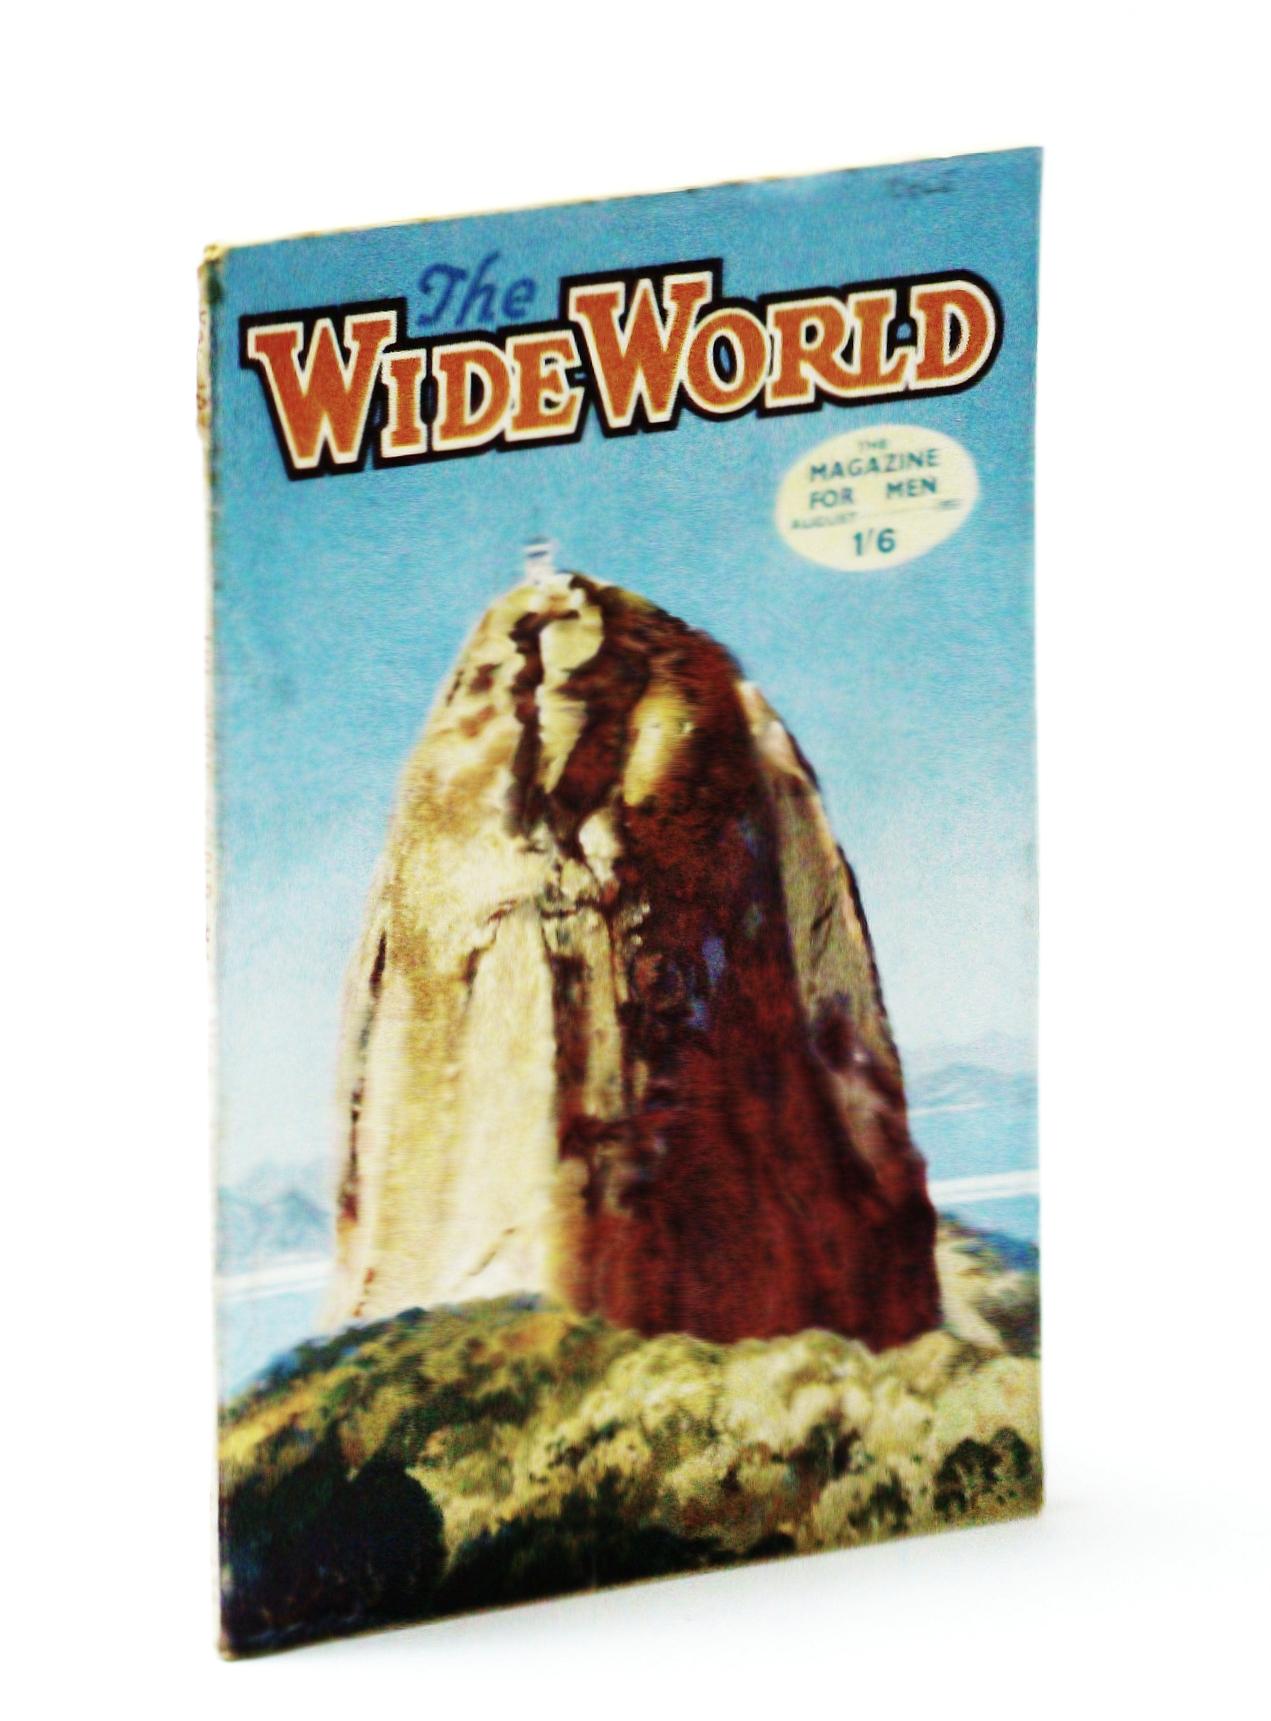 The Wide World, The Magazine For Men,: Farmer, Bernard J.;